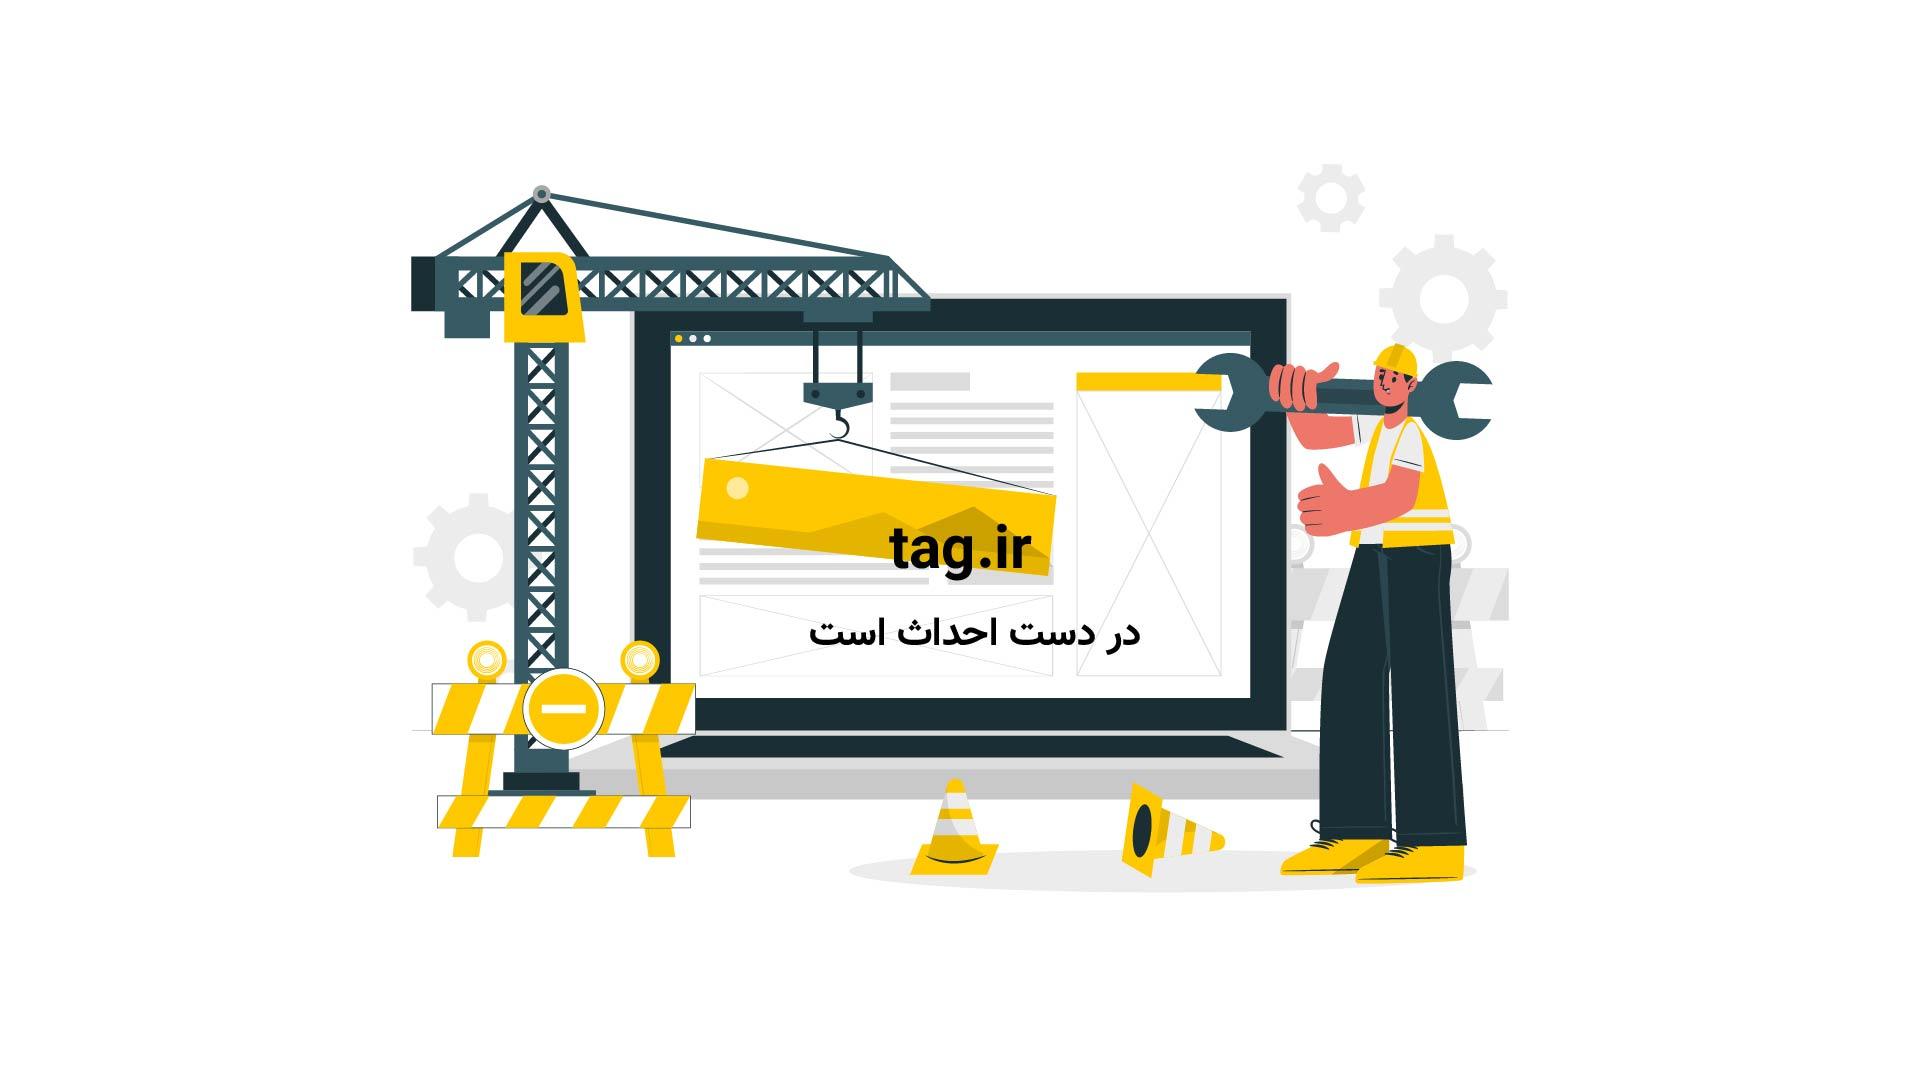 تاثیرات منفی موبایل | تگ